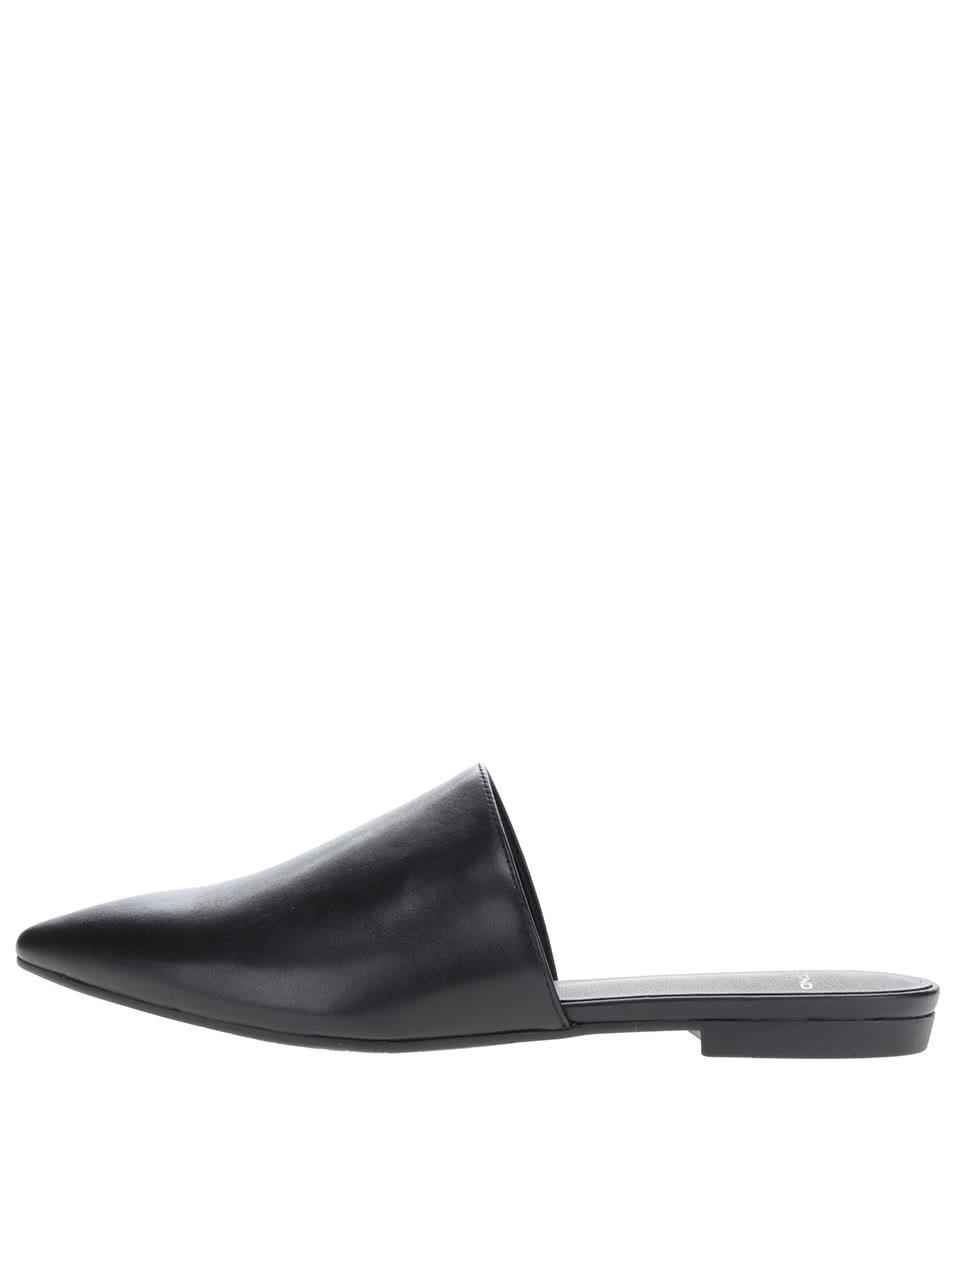 84869aff7b51 Čierne dámske kožené našuchovacie topánky Vagabond Katlin ...